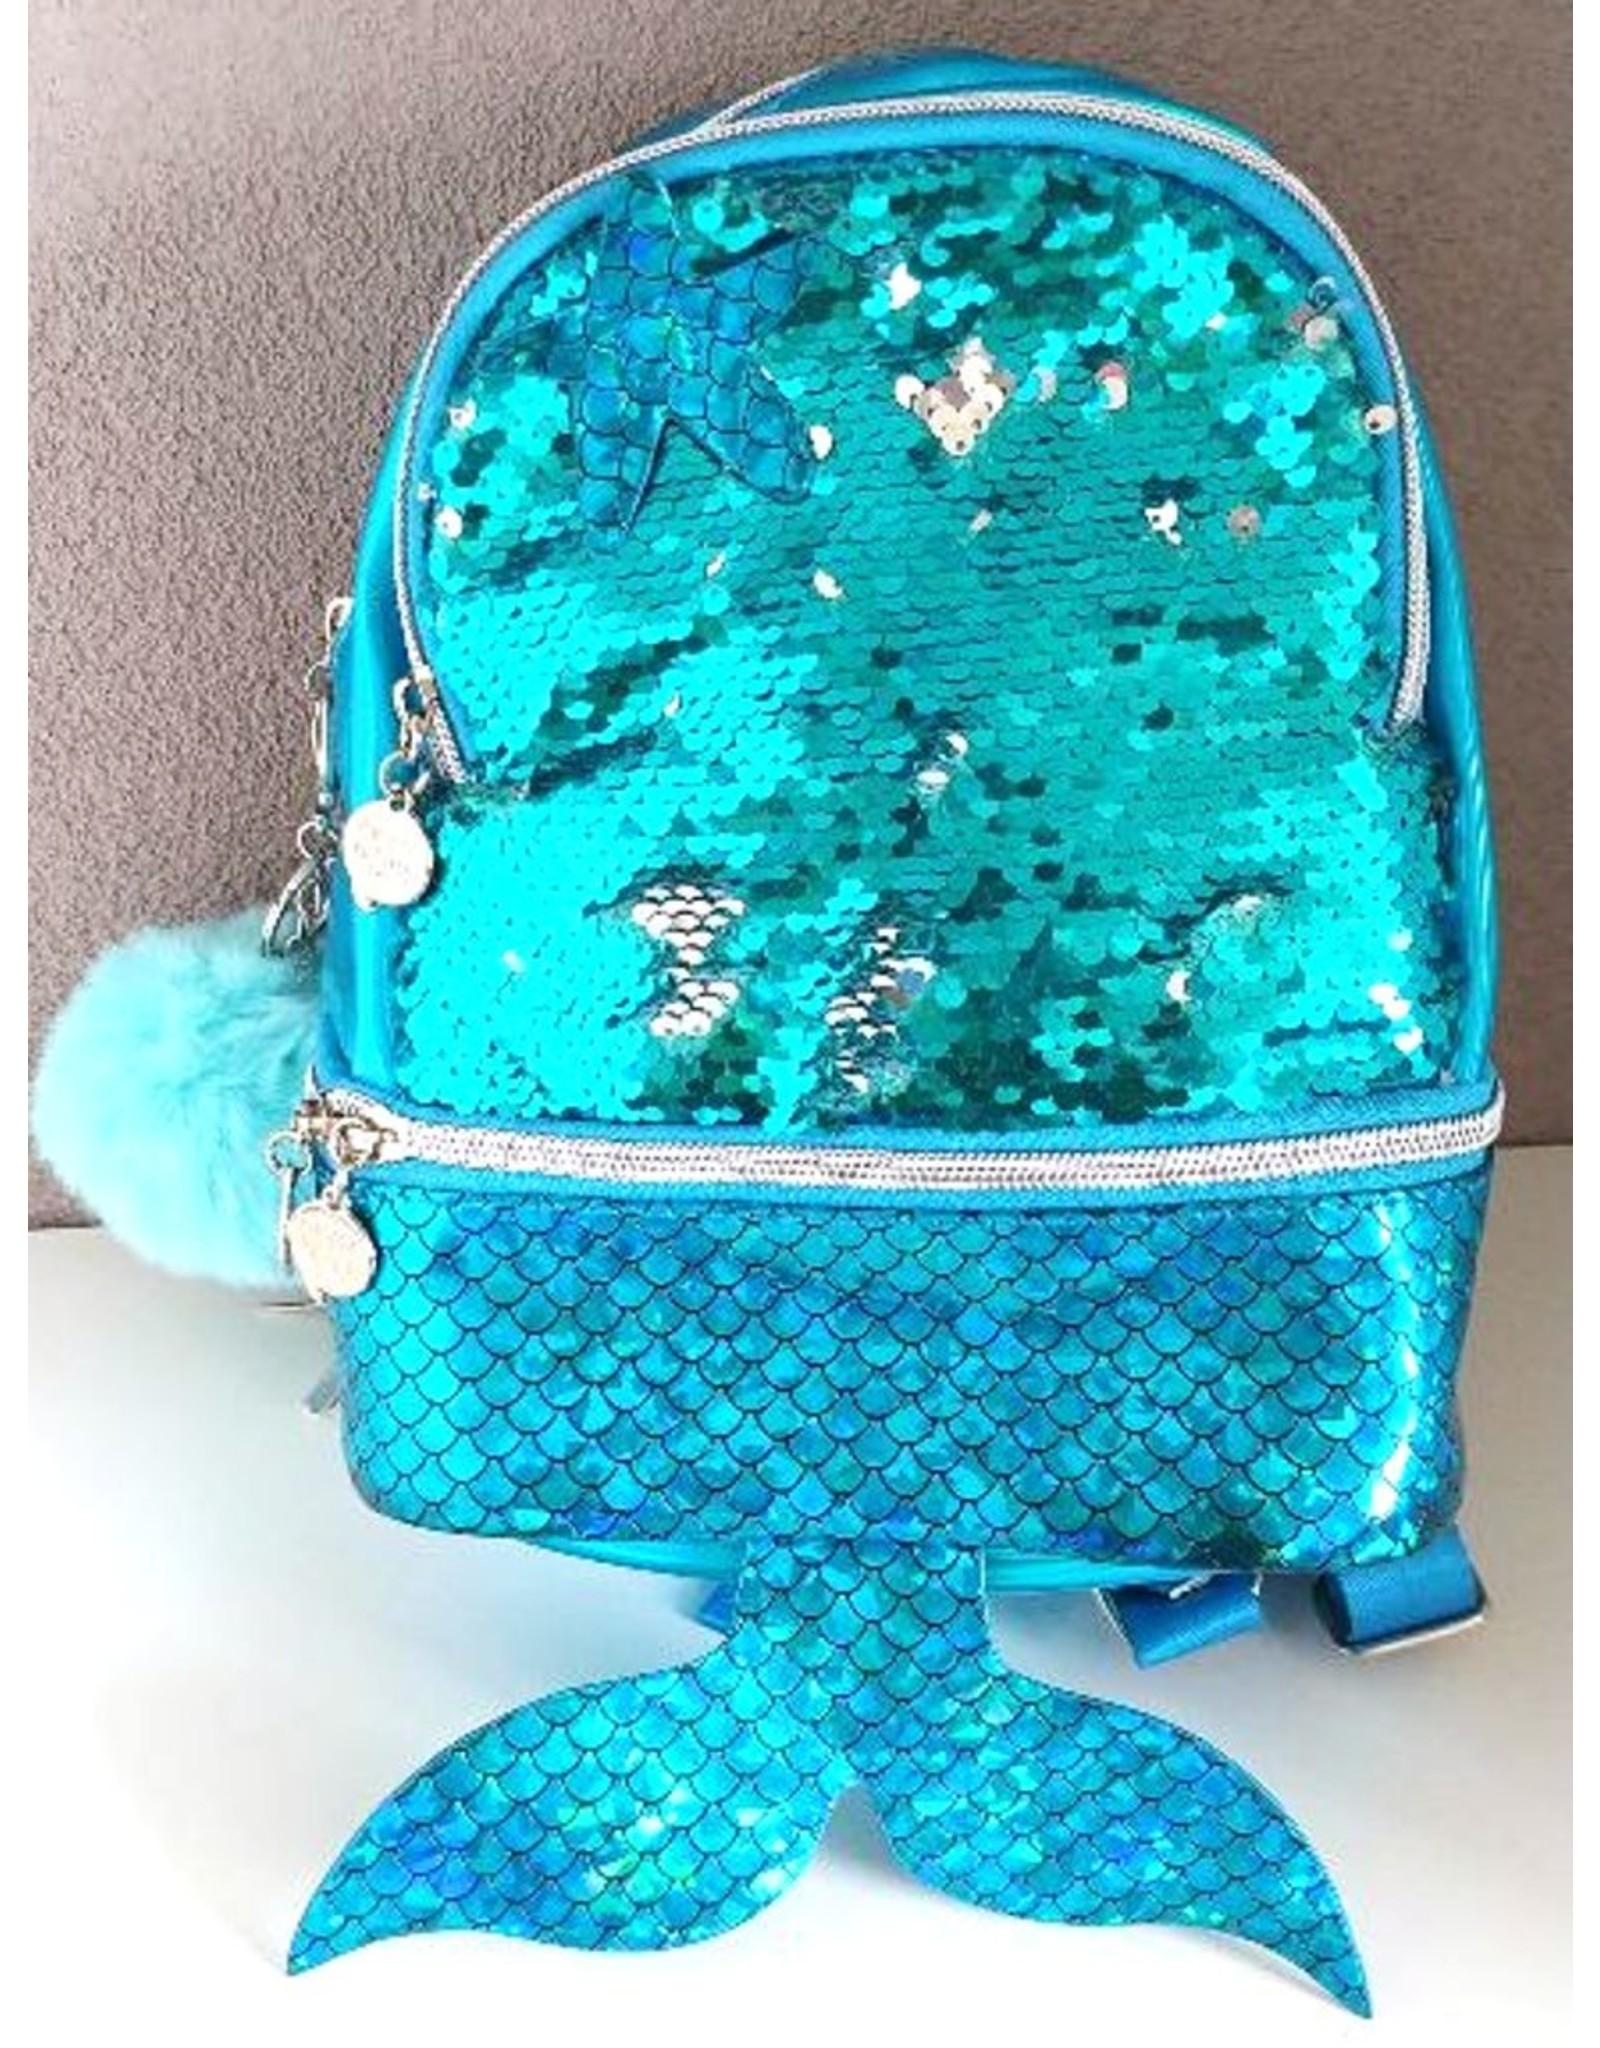 De Kleine Zeemeermin Fantasy tassen - Oh my Pop! Rugzak Wow-Siren met zeemeermin staart